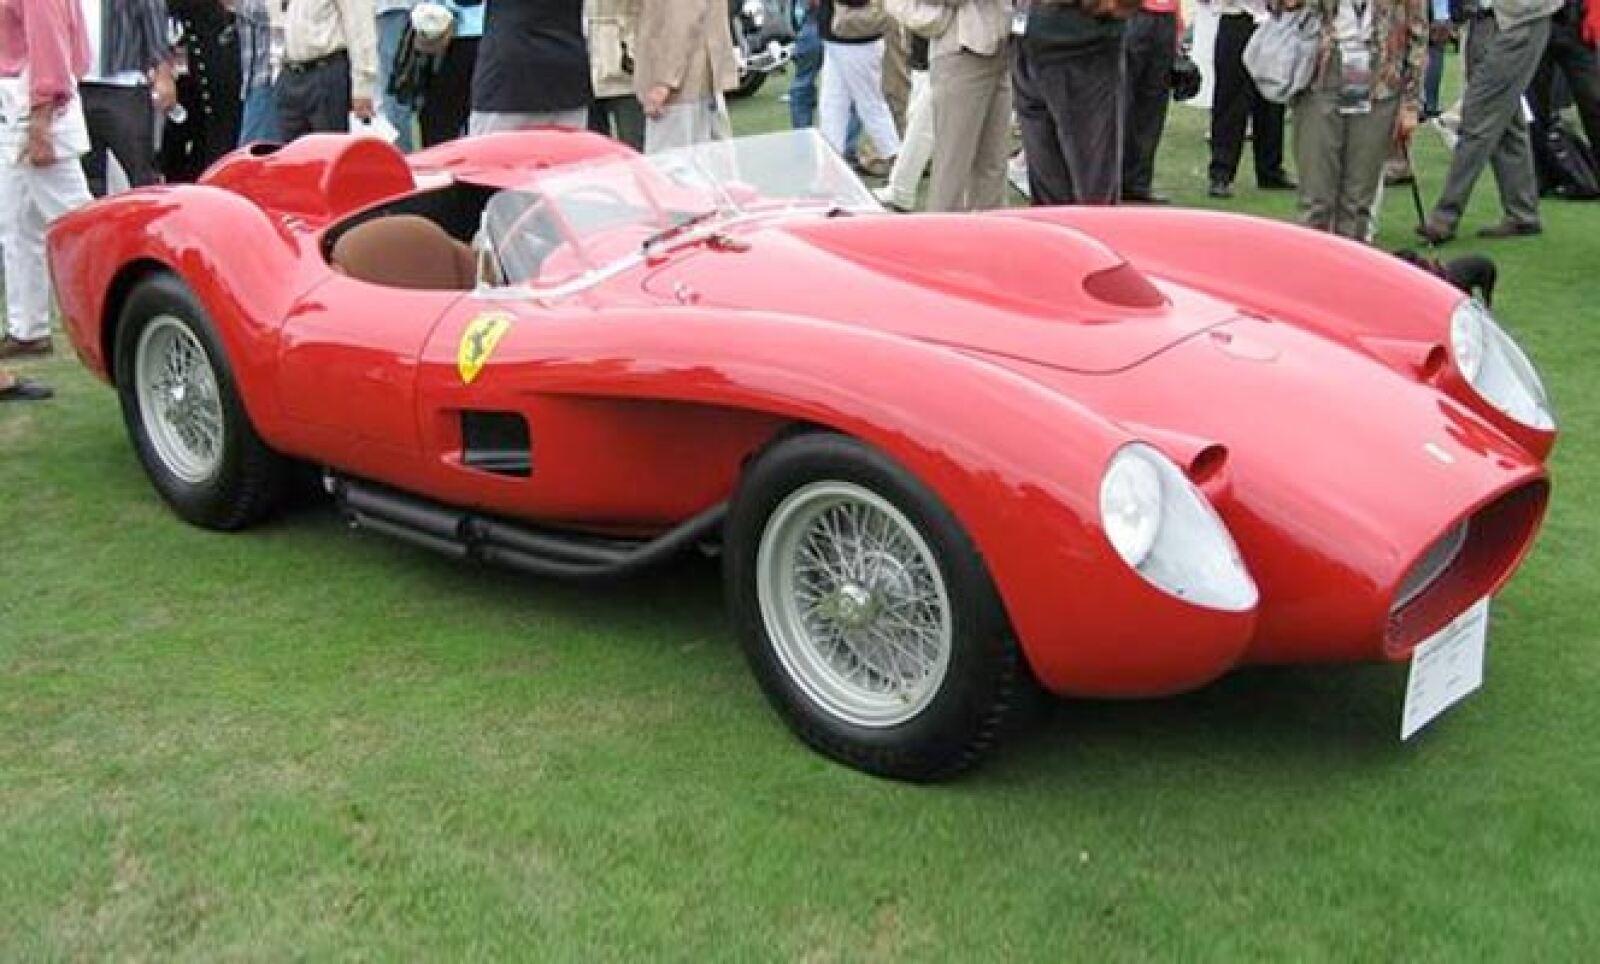 El estilo del 250 TR está inspirado en los Fórmula Uno de los años 50, según declaraciones de su creador, Sergio Scaglietti. Recientemente, un Ferrari 250 TR 1957 fue subastado por 16 millones de dólares.